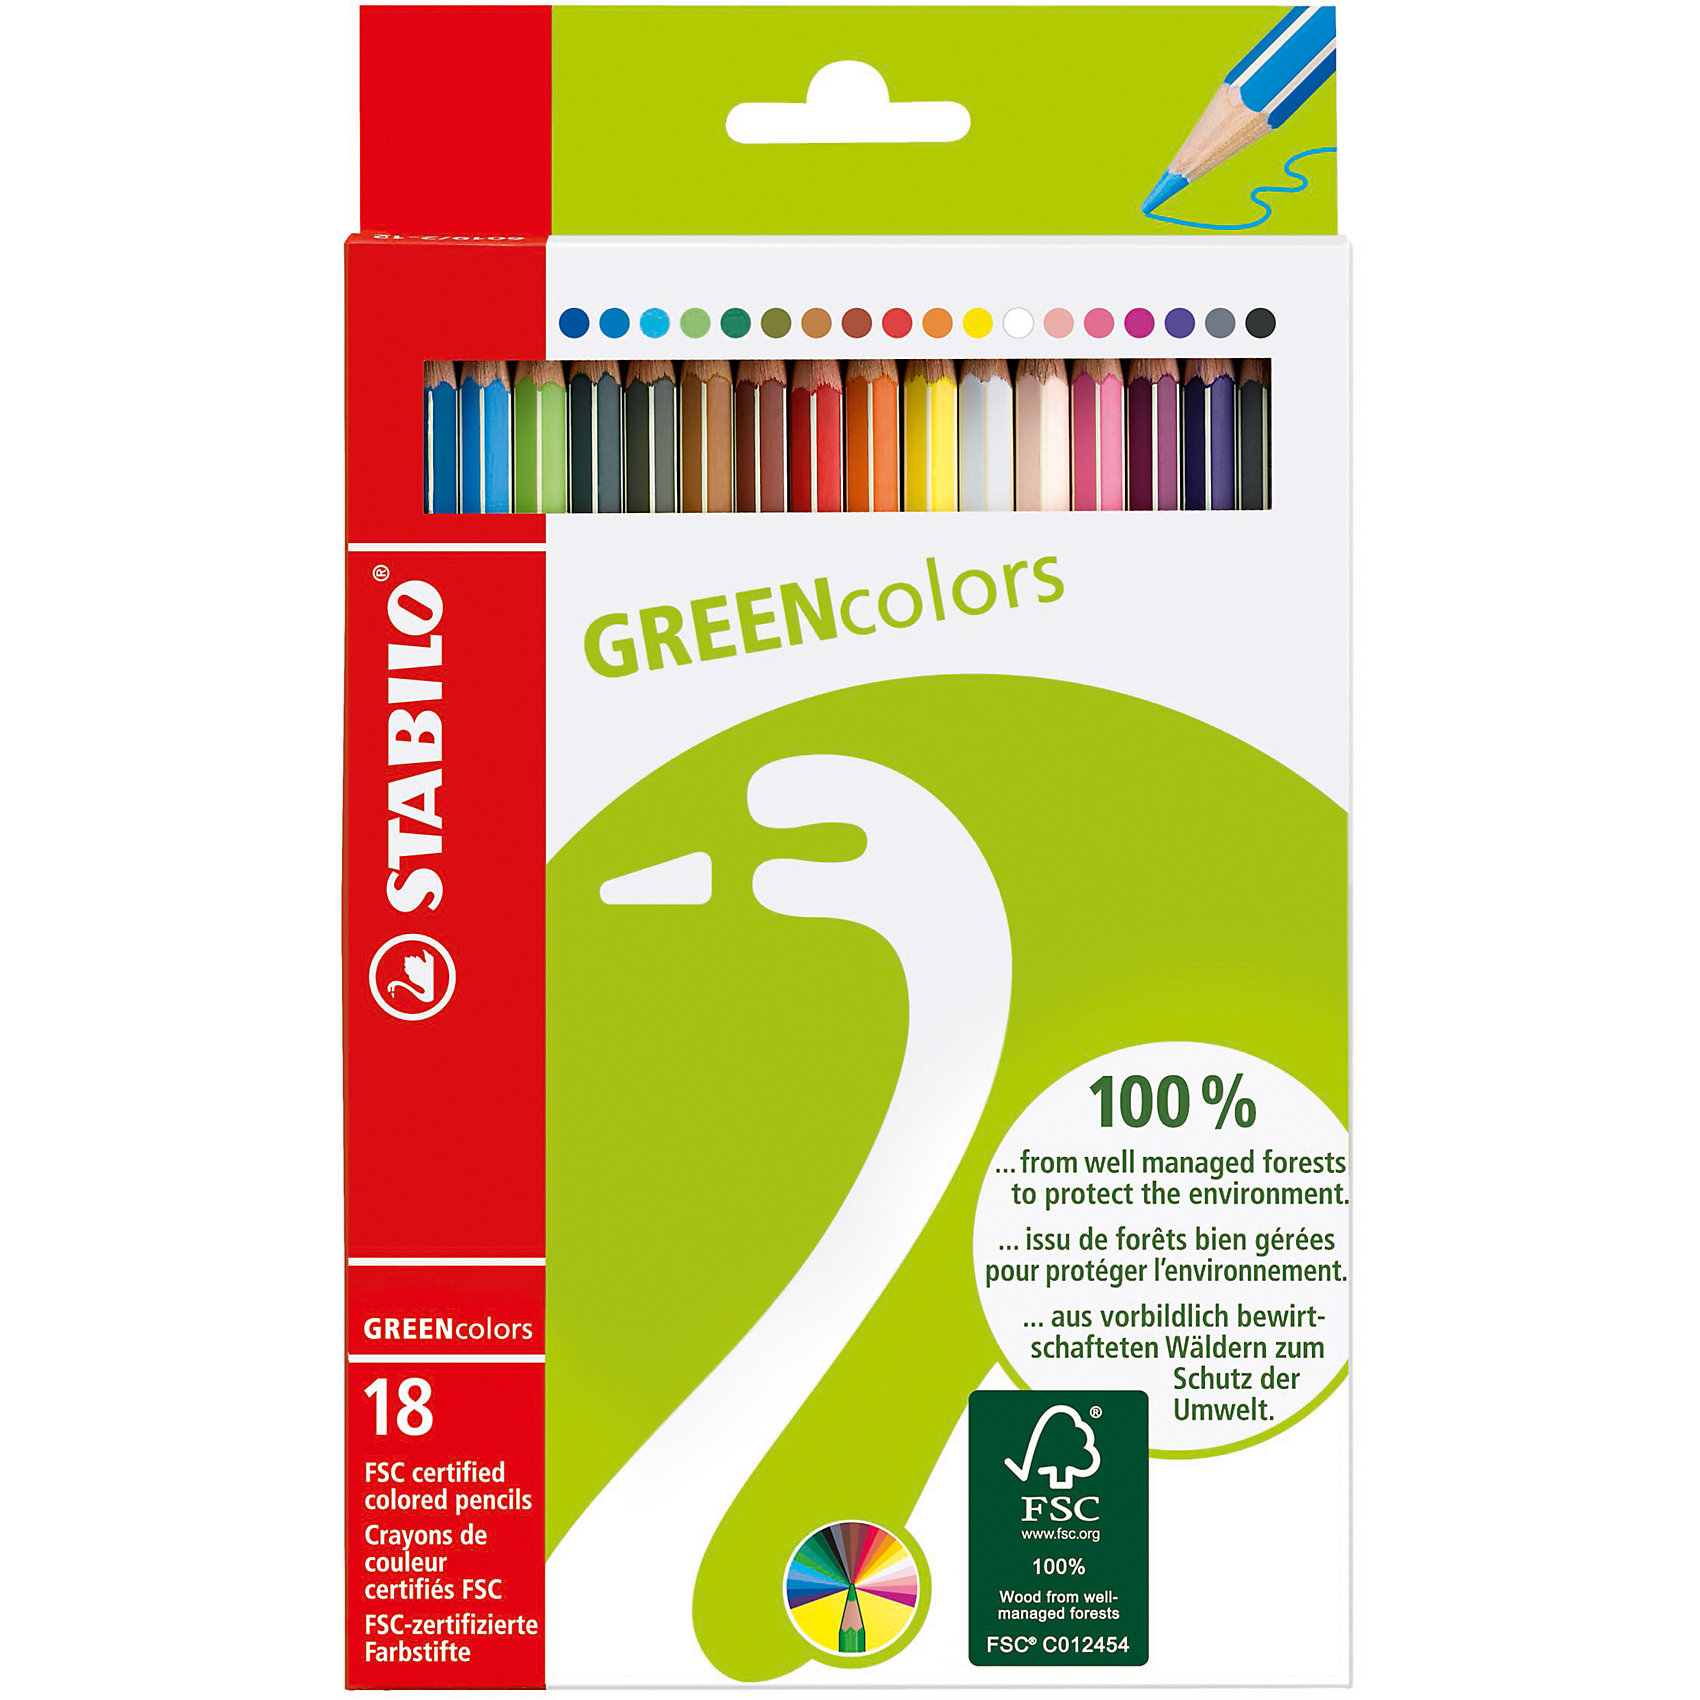 Набор цветных карандашей, 18 цв., GREEN COLOURSРисование<br>Набор цветных карандашей, 18 цв., GREEN COLOURS от марки Stabilo<br><br>Эти карандаши созданы немецкой компанией для комфортного и легкого рисования. Легко затачиваются, при этом грифель очень устойчив к поломкам. Цвета яркие, линия мягкая и однородная. Будут долго держаться на бумаге и не выцветать. Рисование помогает детям развивать усидчивость, воображение, образное восприятие мира, а также мелкую моторику рук.  <br>Этот набор - экологически безопасный. Грифель - из возобновляемой древесины, покрытой лаком. Упаковка - из переработанного картона. В наборе - 18 карандашей разных цветов. Они отлично лежат в руке благодаря удобной форме и качественному покрытию.<br><br>Особенности данной модели:<br><br>комплектация: 18 шт.<br><br>Набор цветных карандашей, 18 цв., GREEN COLOURS от марки Stabilo можно купить в нашем магазине.<br><br>Ширина мм: 129<br>Глубина мм: 210<br>Высота мм: 12<br>Вес г: 99<br>Возраст от месяцев: 72<br>Возраст до месяцев: 192<br>Пол: Унисекс<br>Возраст: Детский<br>SKU: 2363403